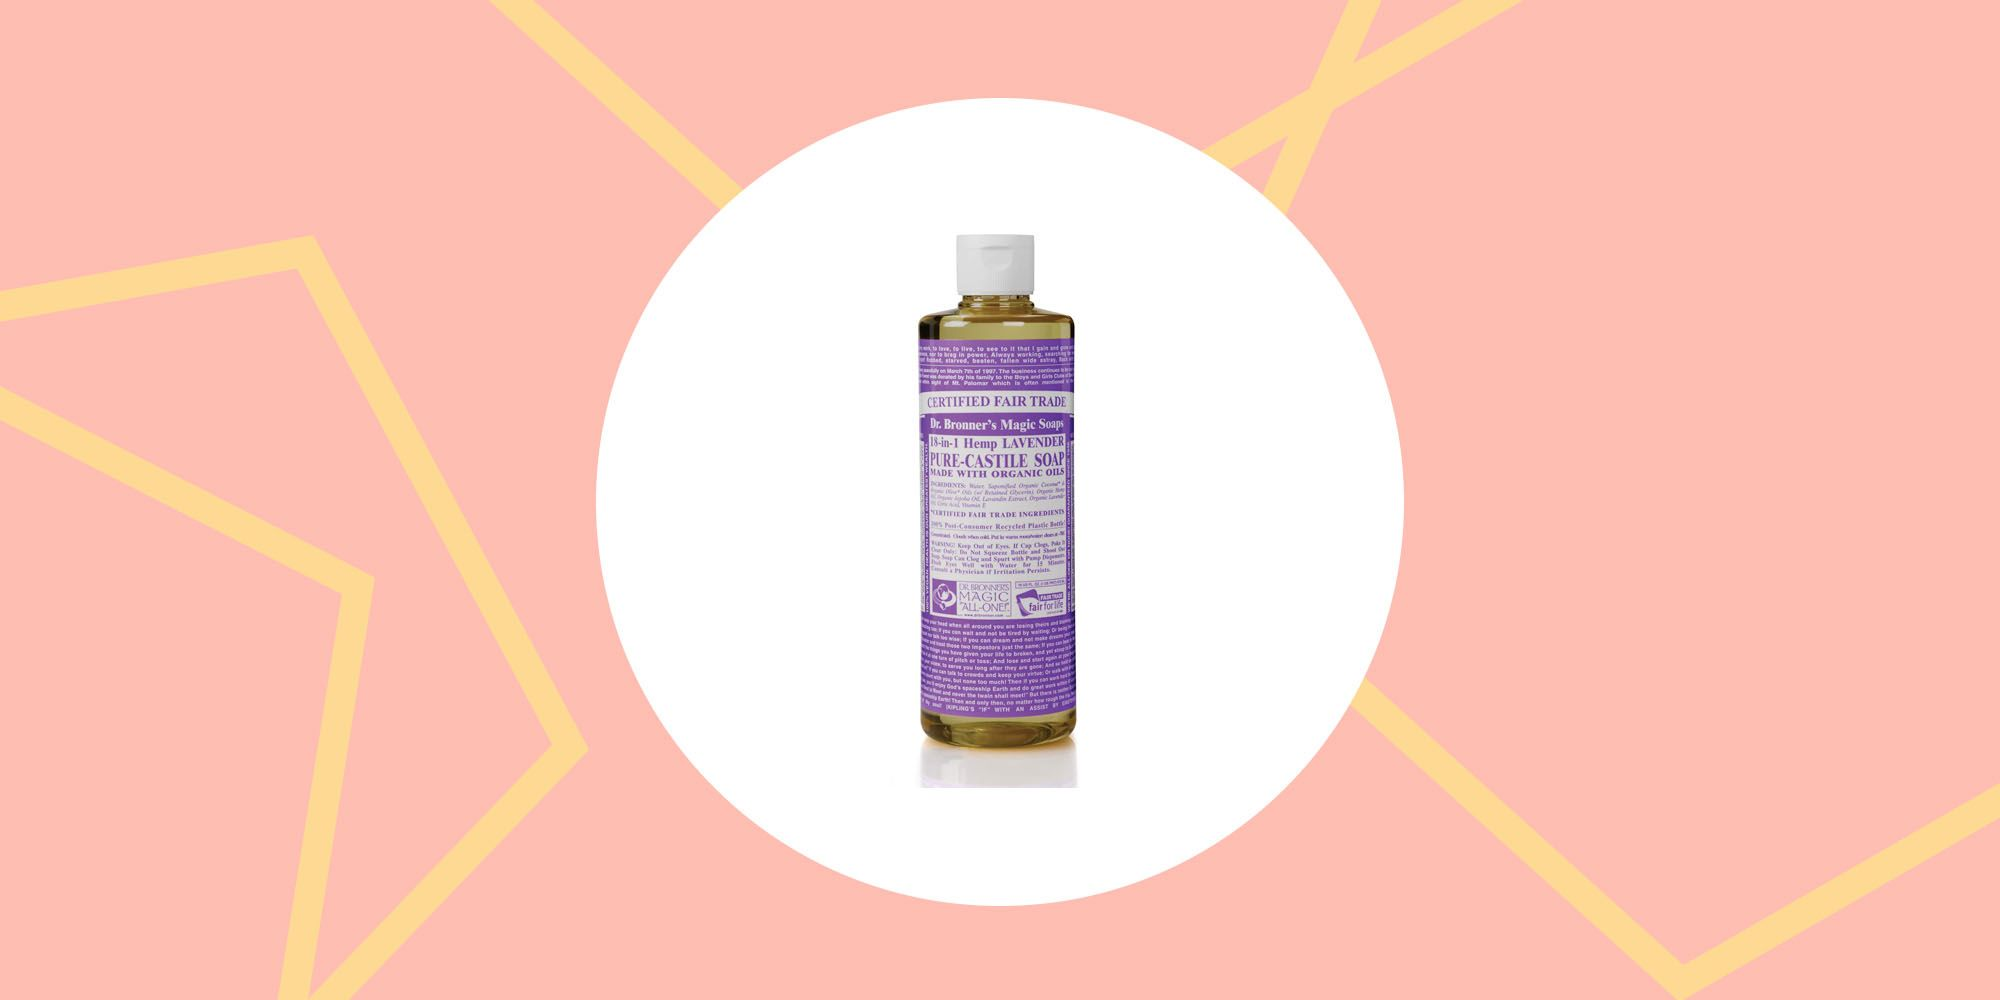 Castile soap uses - Women's Health UK